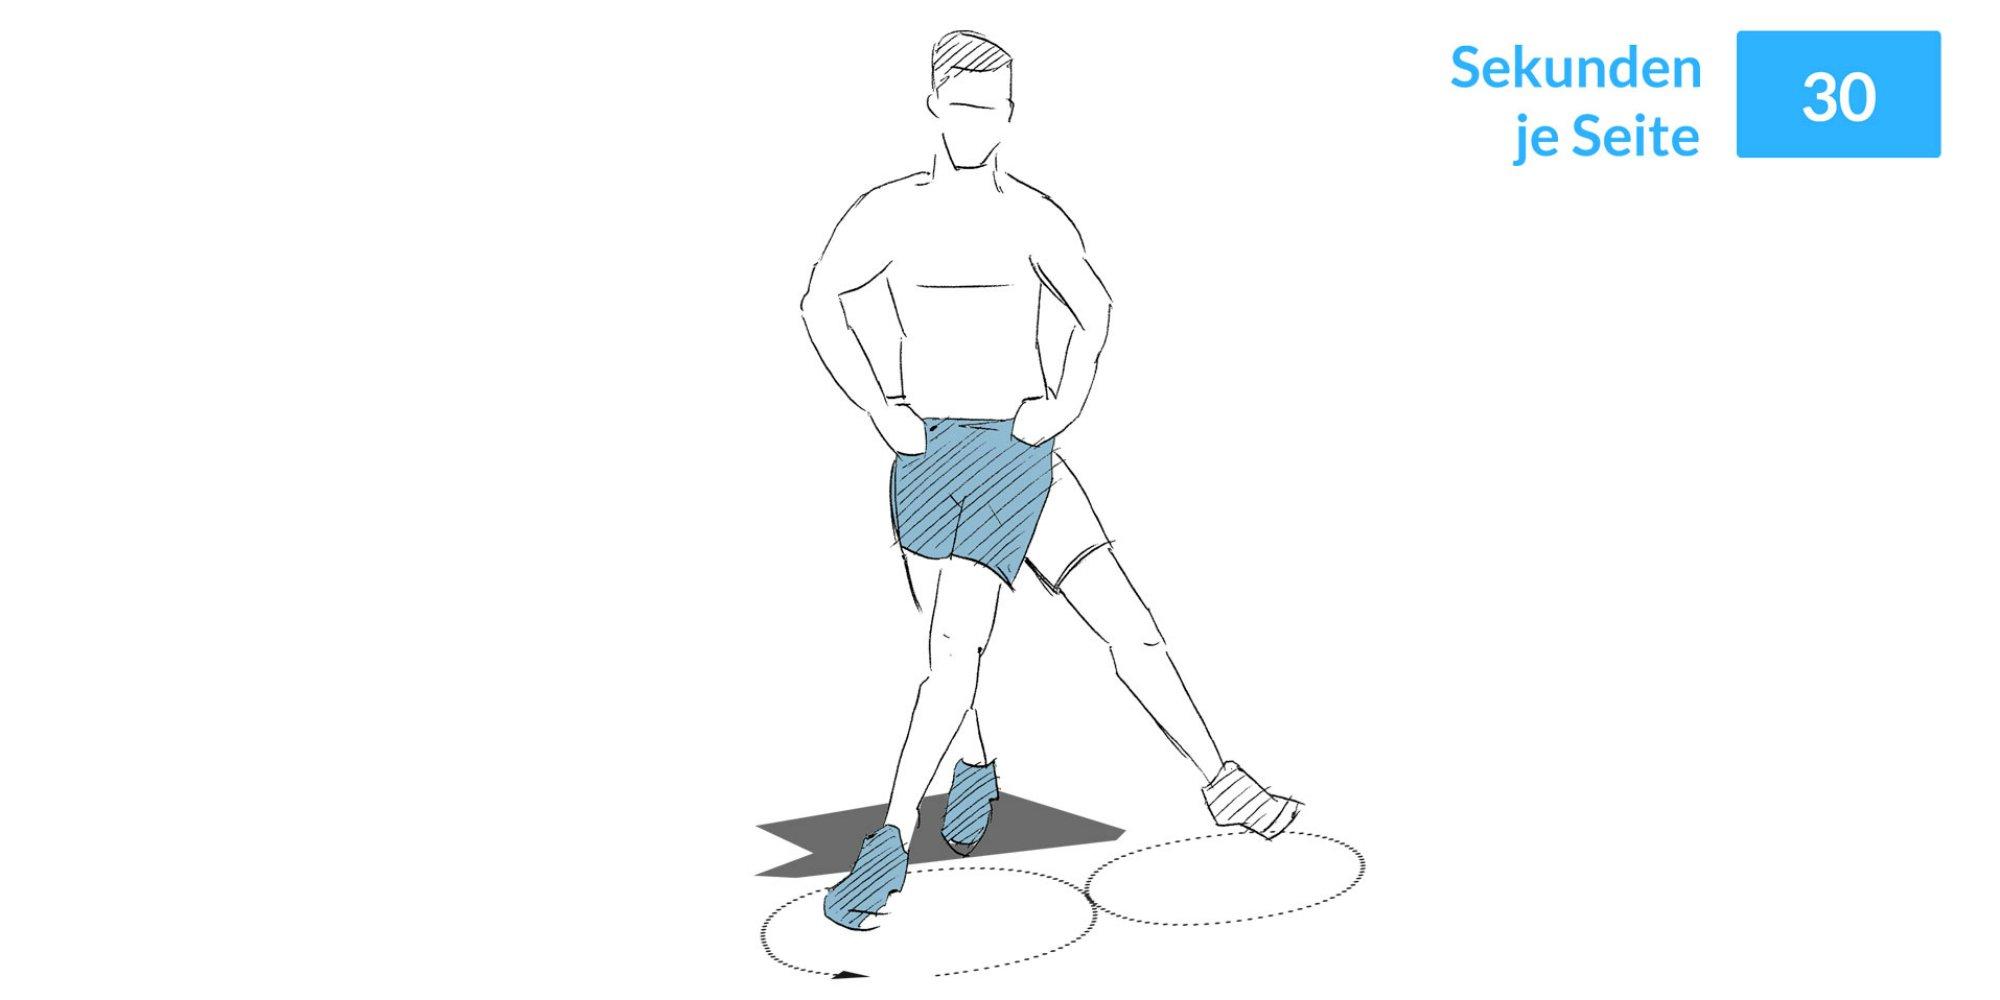 Das 8er Beinkreisen hilft, die Muskeln zu stärken und das Halten des Gleichgewichts zu üben.